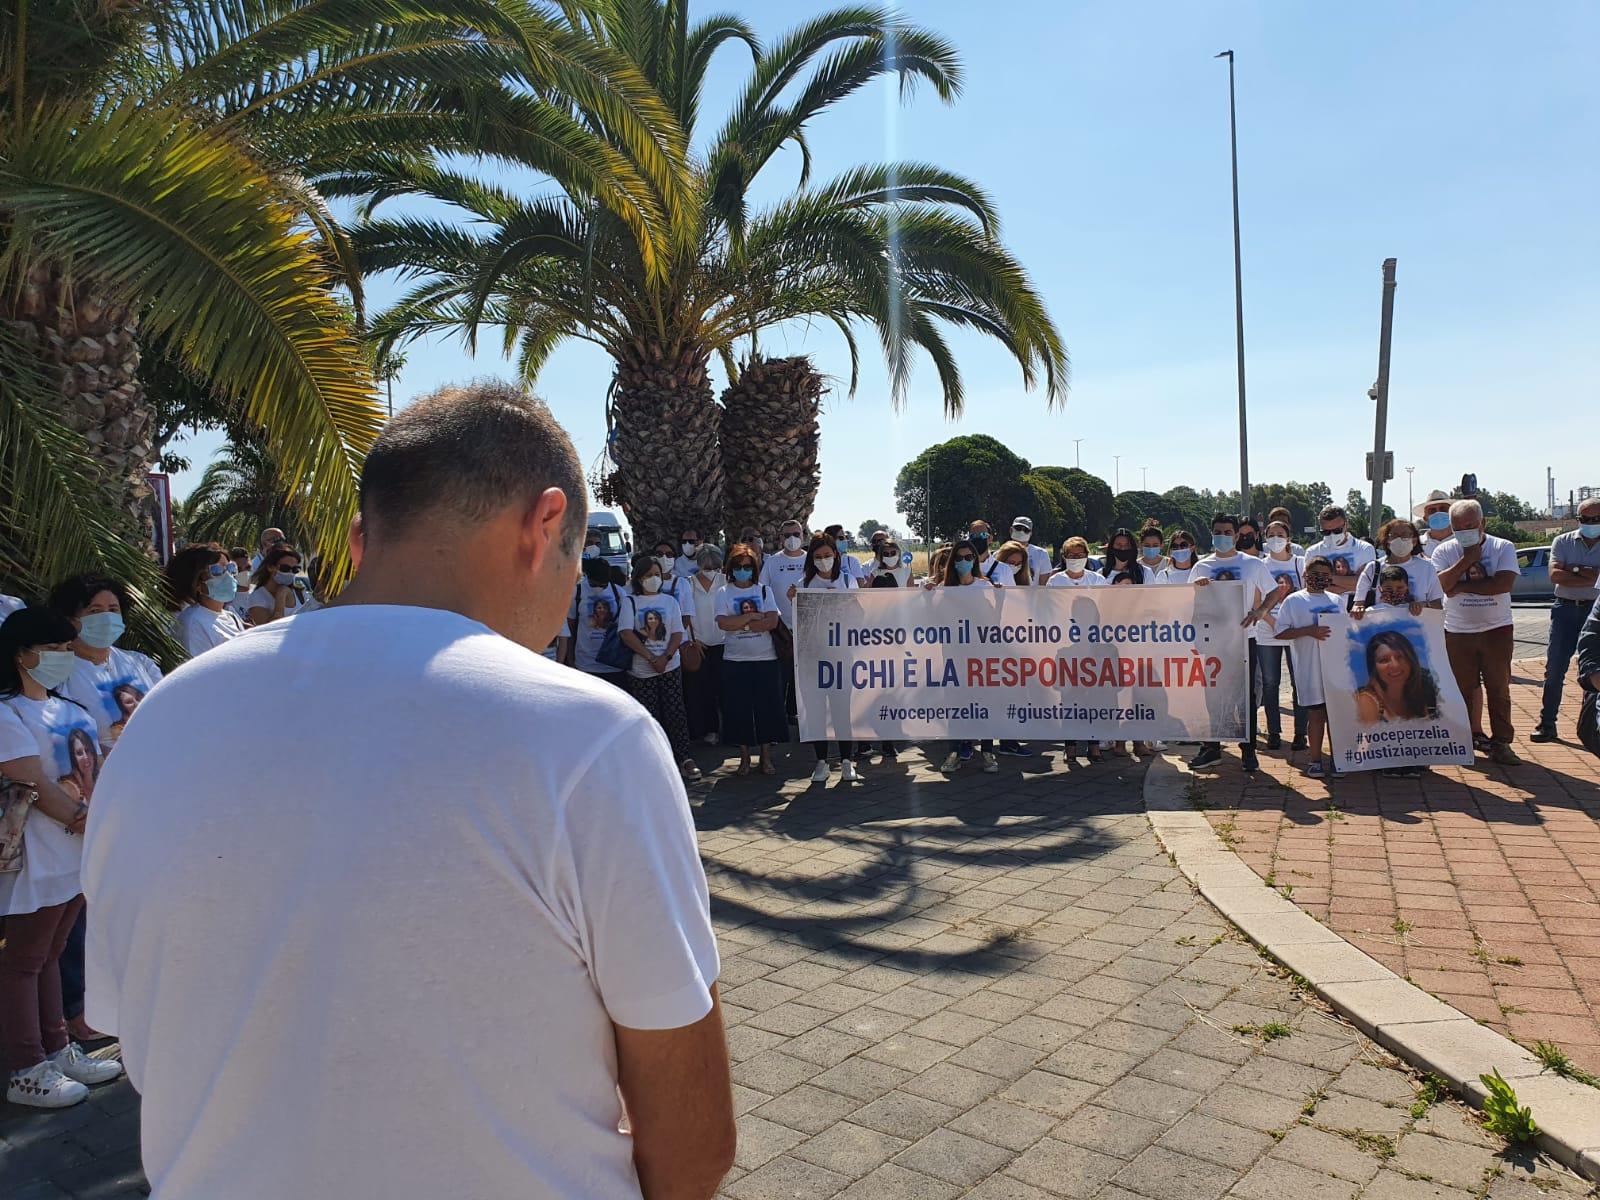 Morta a Gela dopo il vaccino, il marito protesta: agiremo contro AstraZeneca